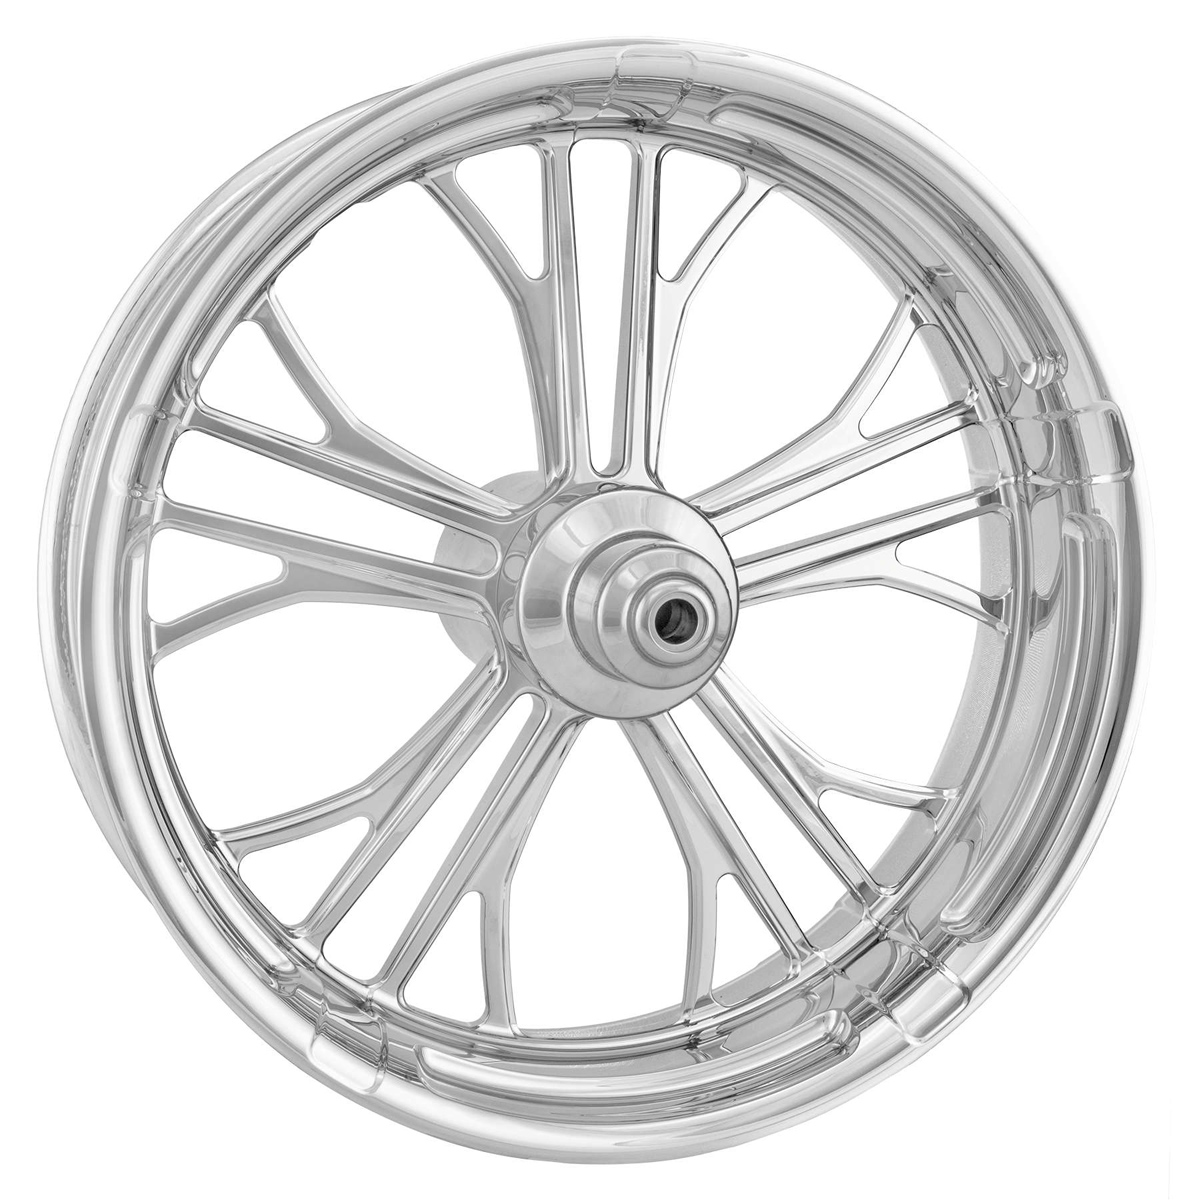 Performance Machine Dixon Chrome Front Wheel 23x3.5 Non-ABS